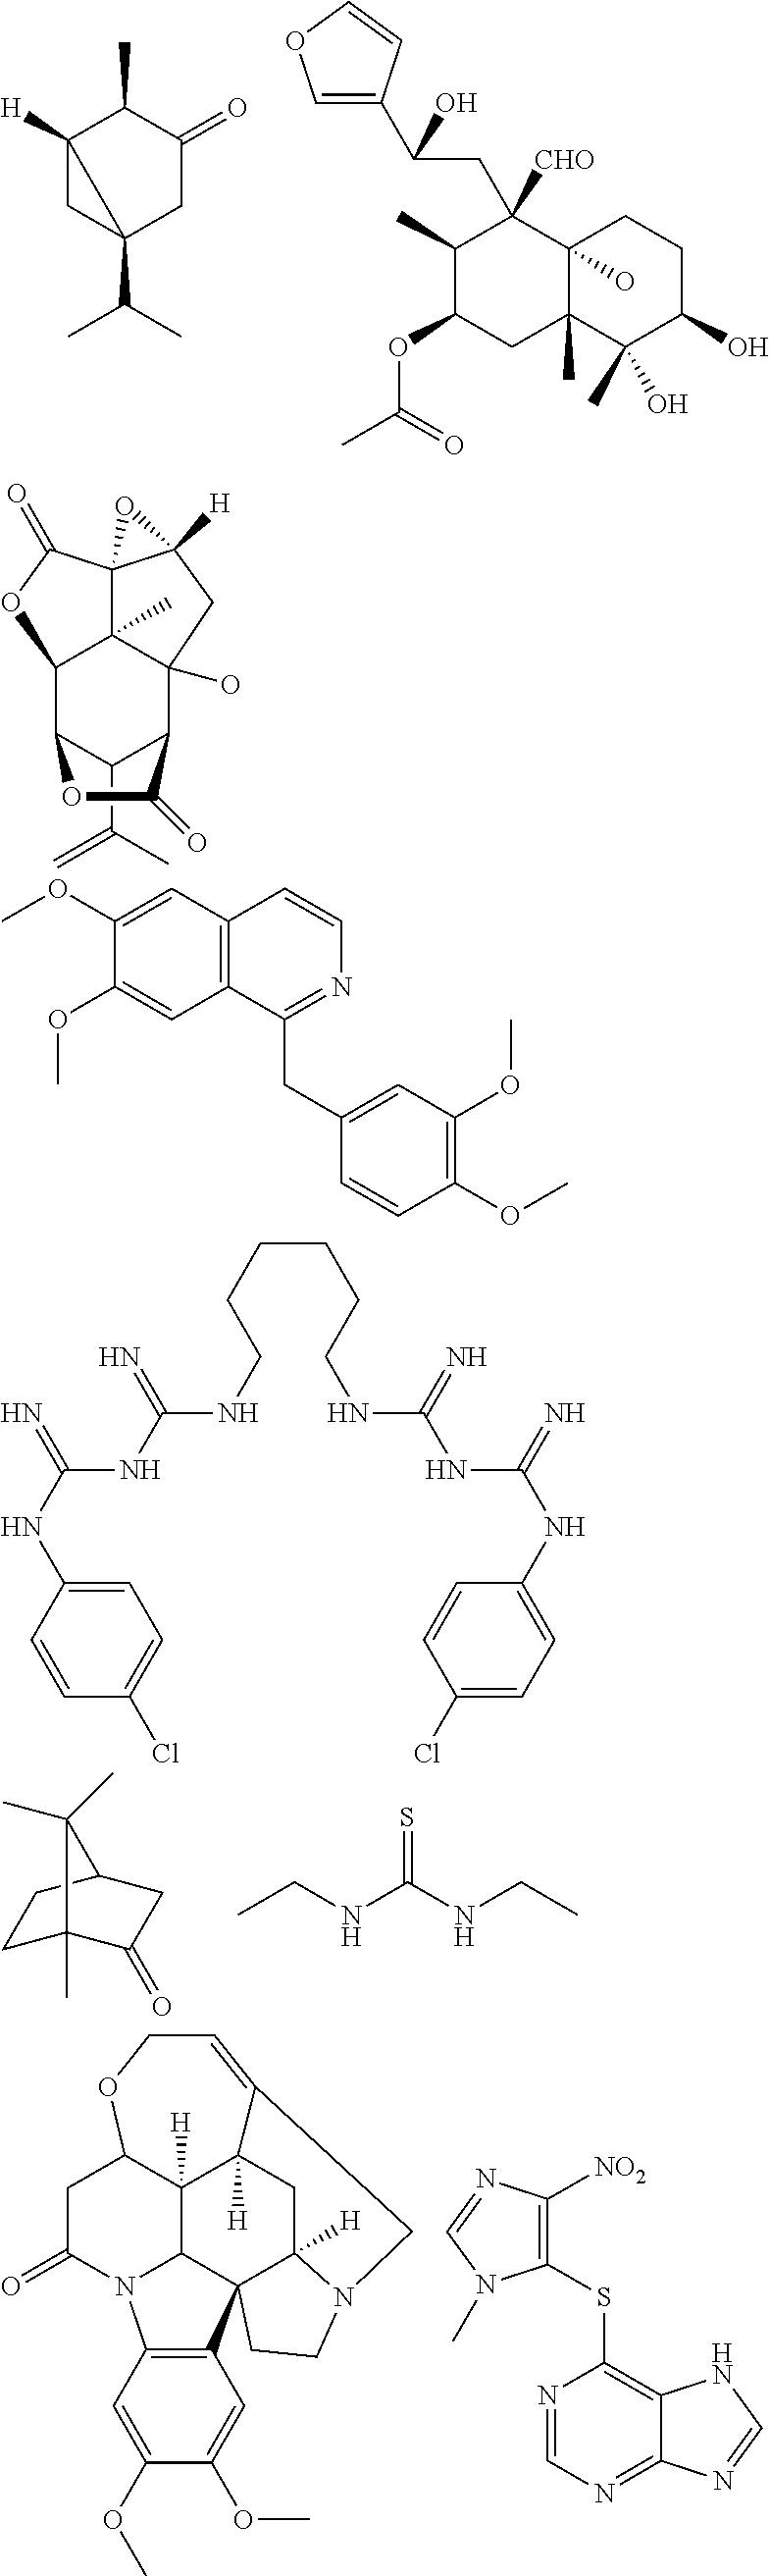 Figure US09962344-20180508-C00002